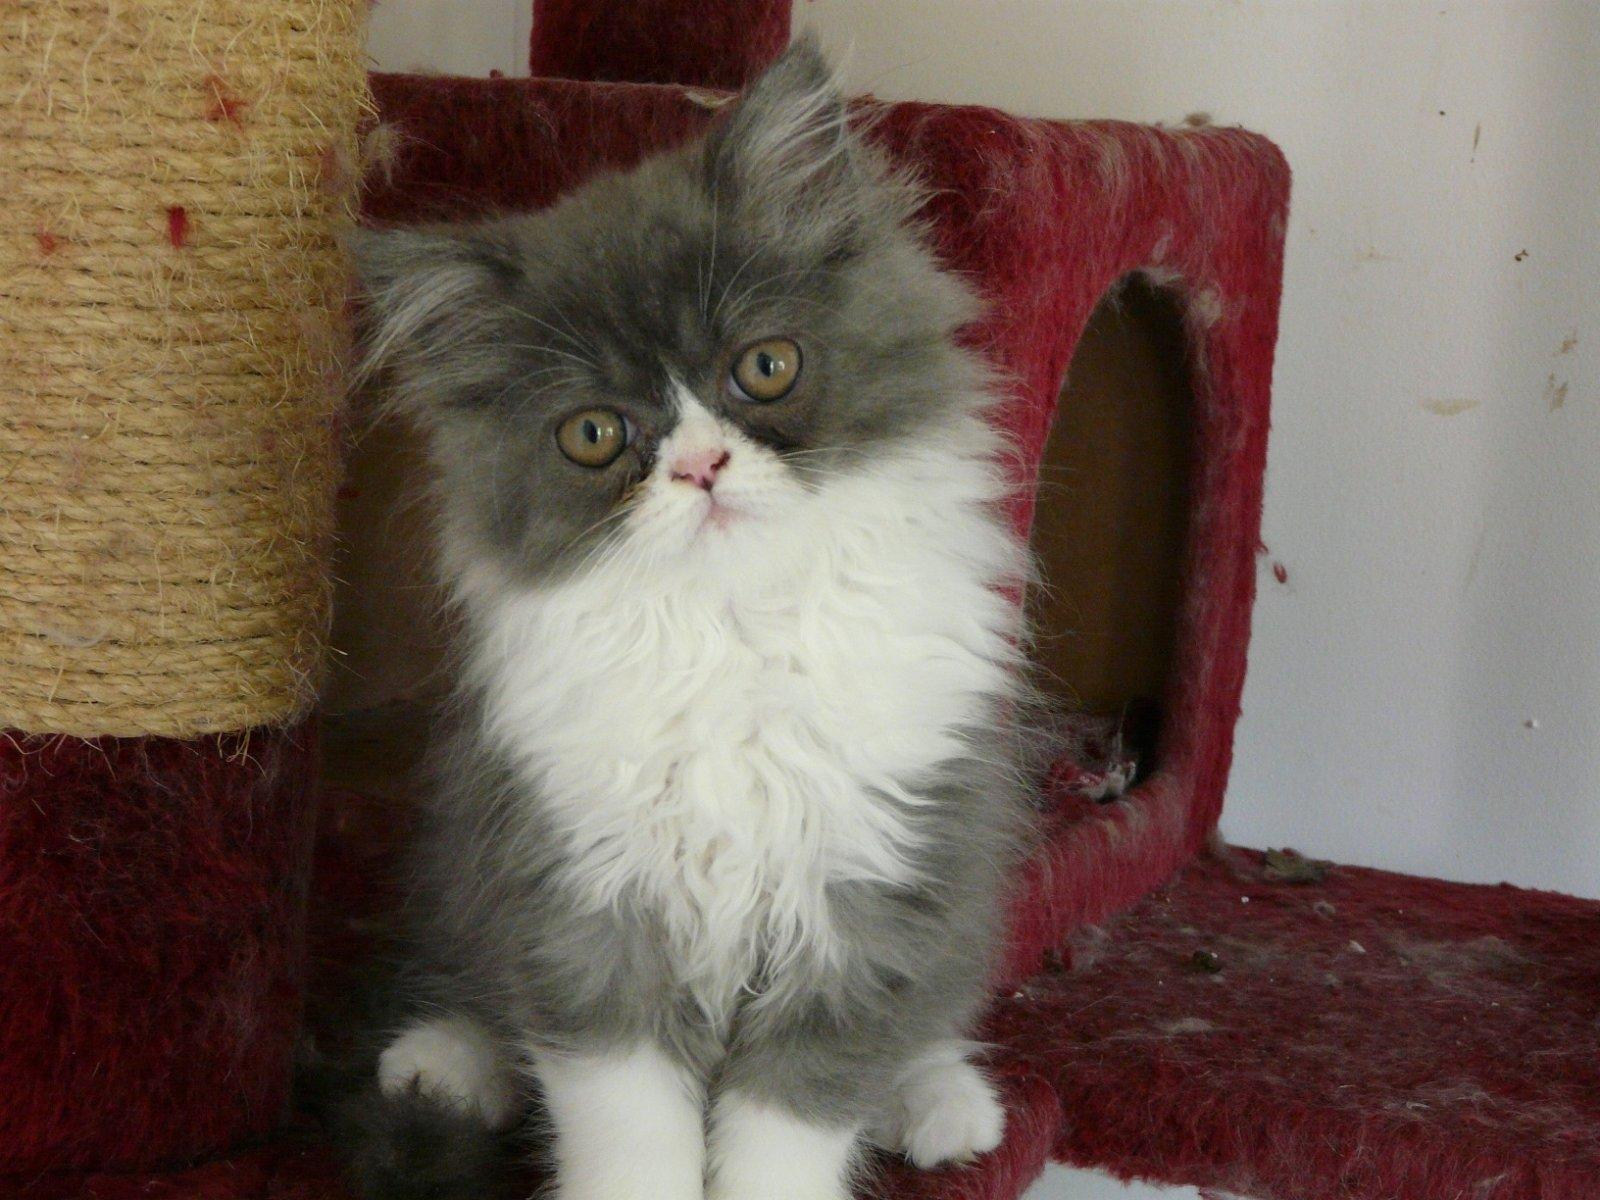 Gatos persas Gatos persas